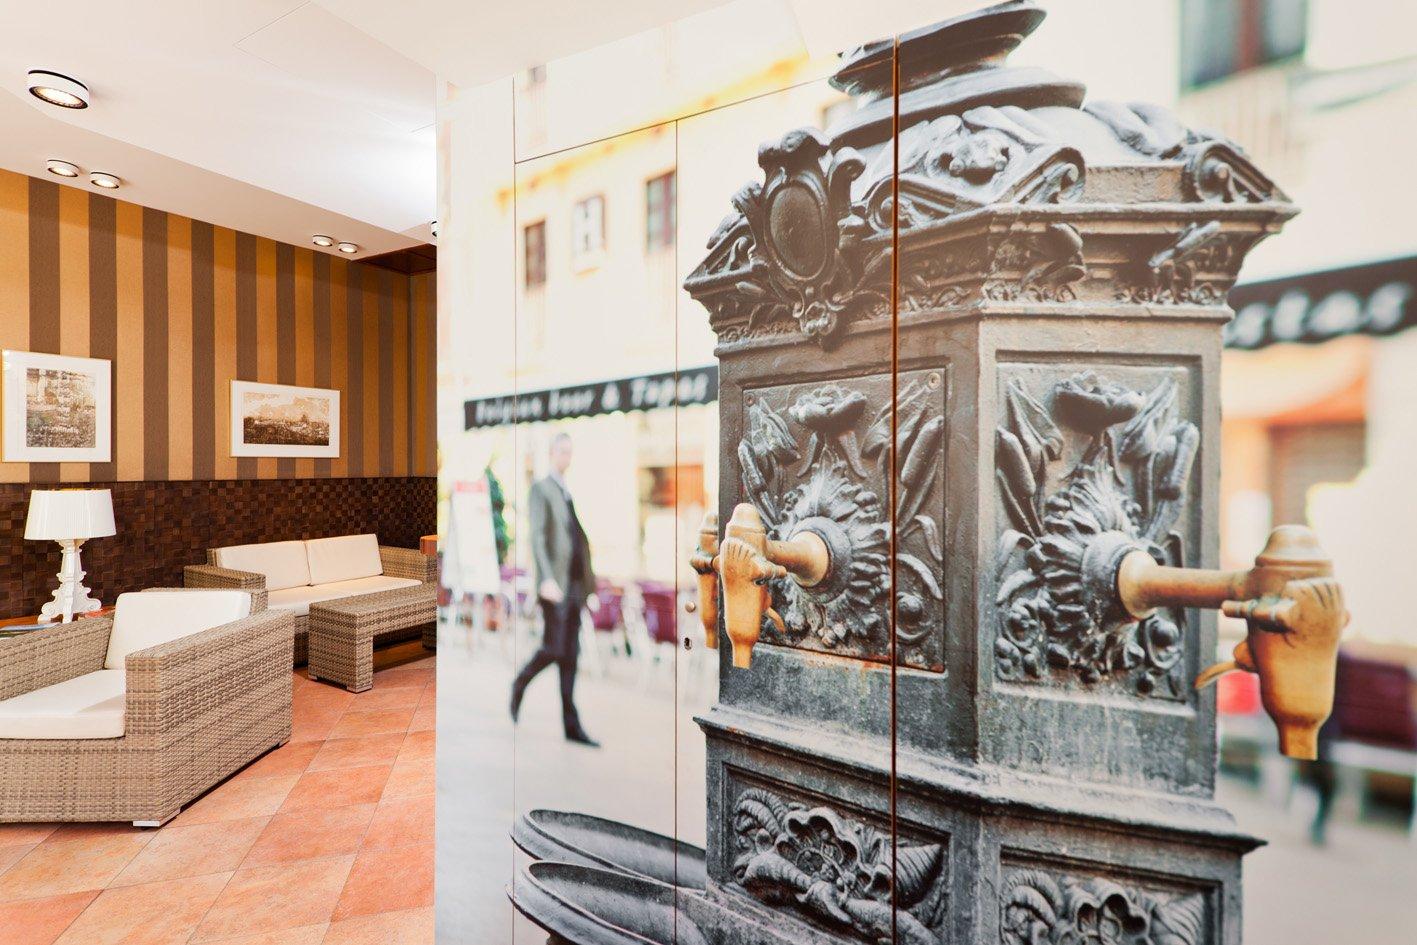 hotel_la_fontnombre_del_documento_19-25009599f9fb37474de6a8f3beadf708